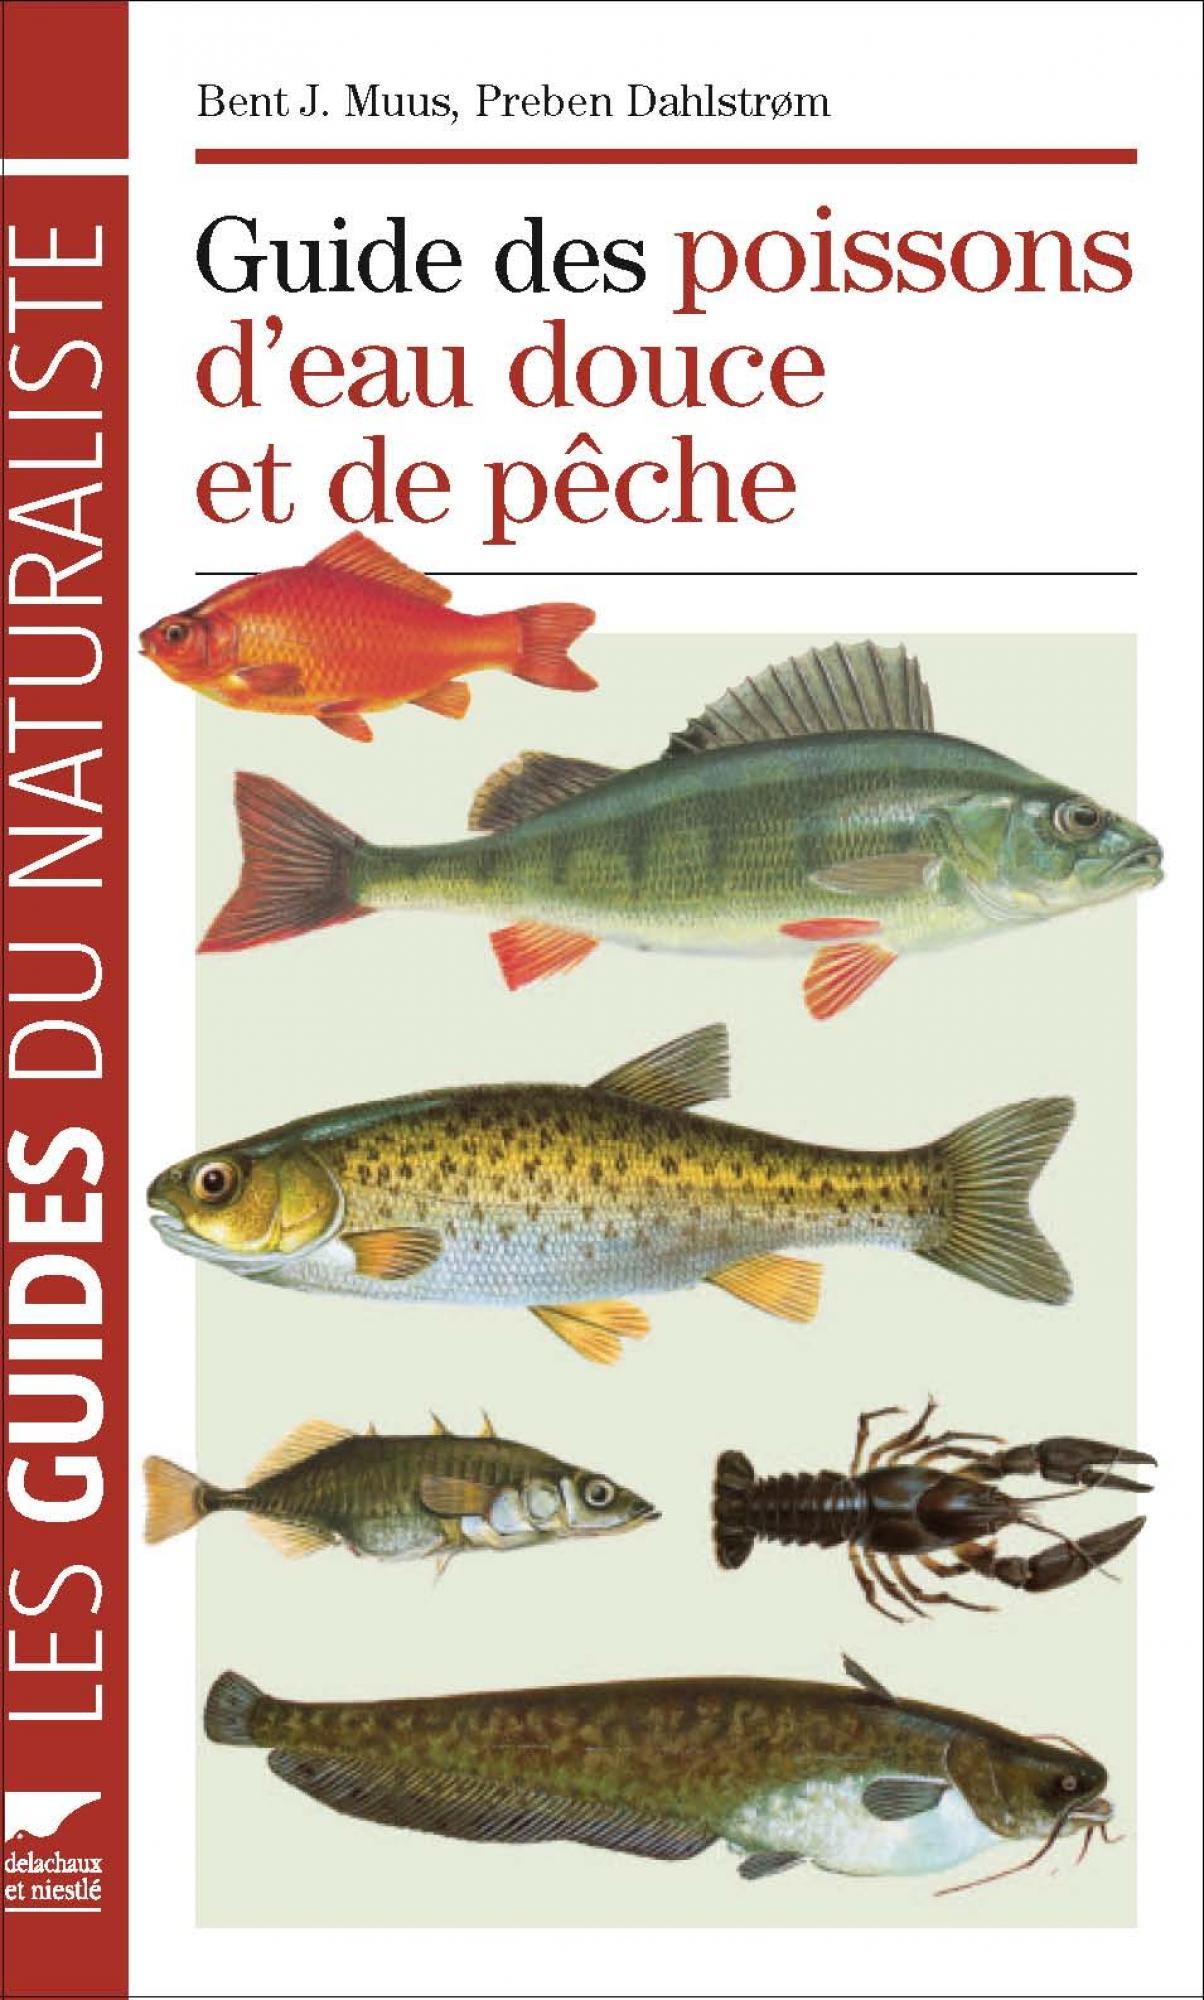 Bent-J. Muus et Preben Dahlström, Guide des poissons d'eau douce et de pêche, Delachaux et Niestlé